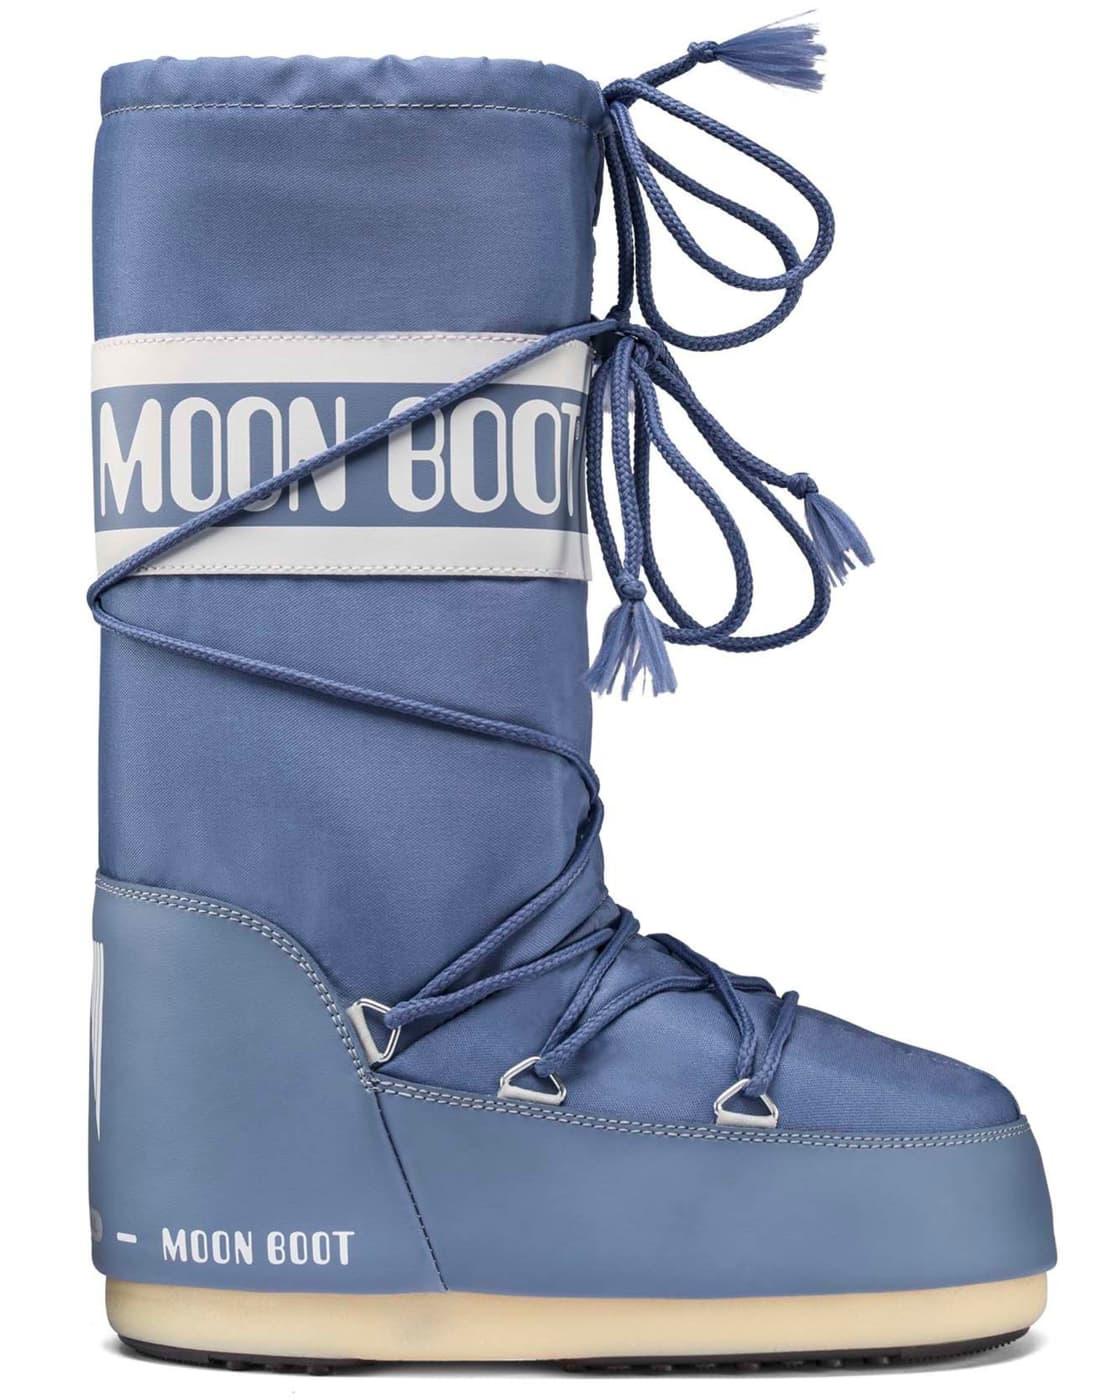 Botas de Moon Boot